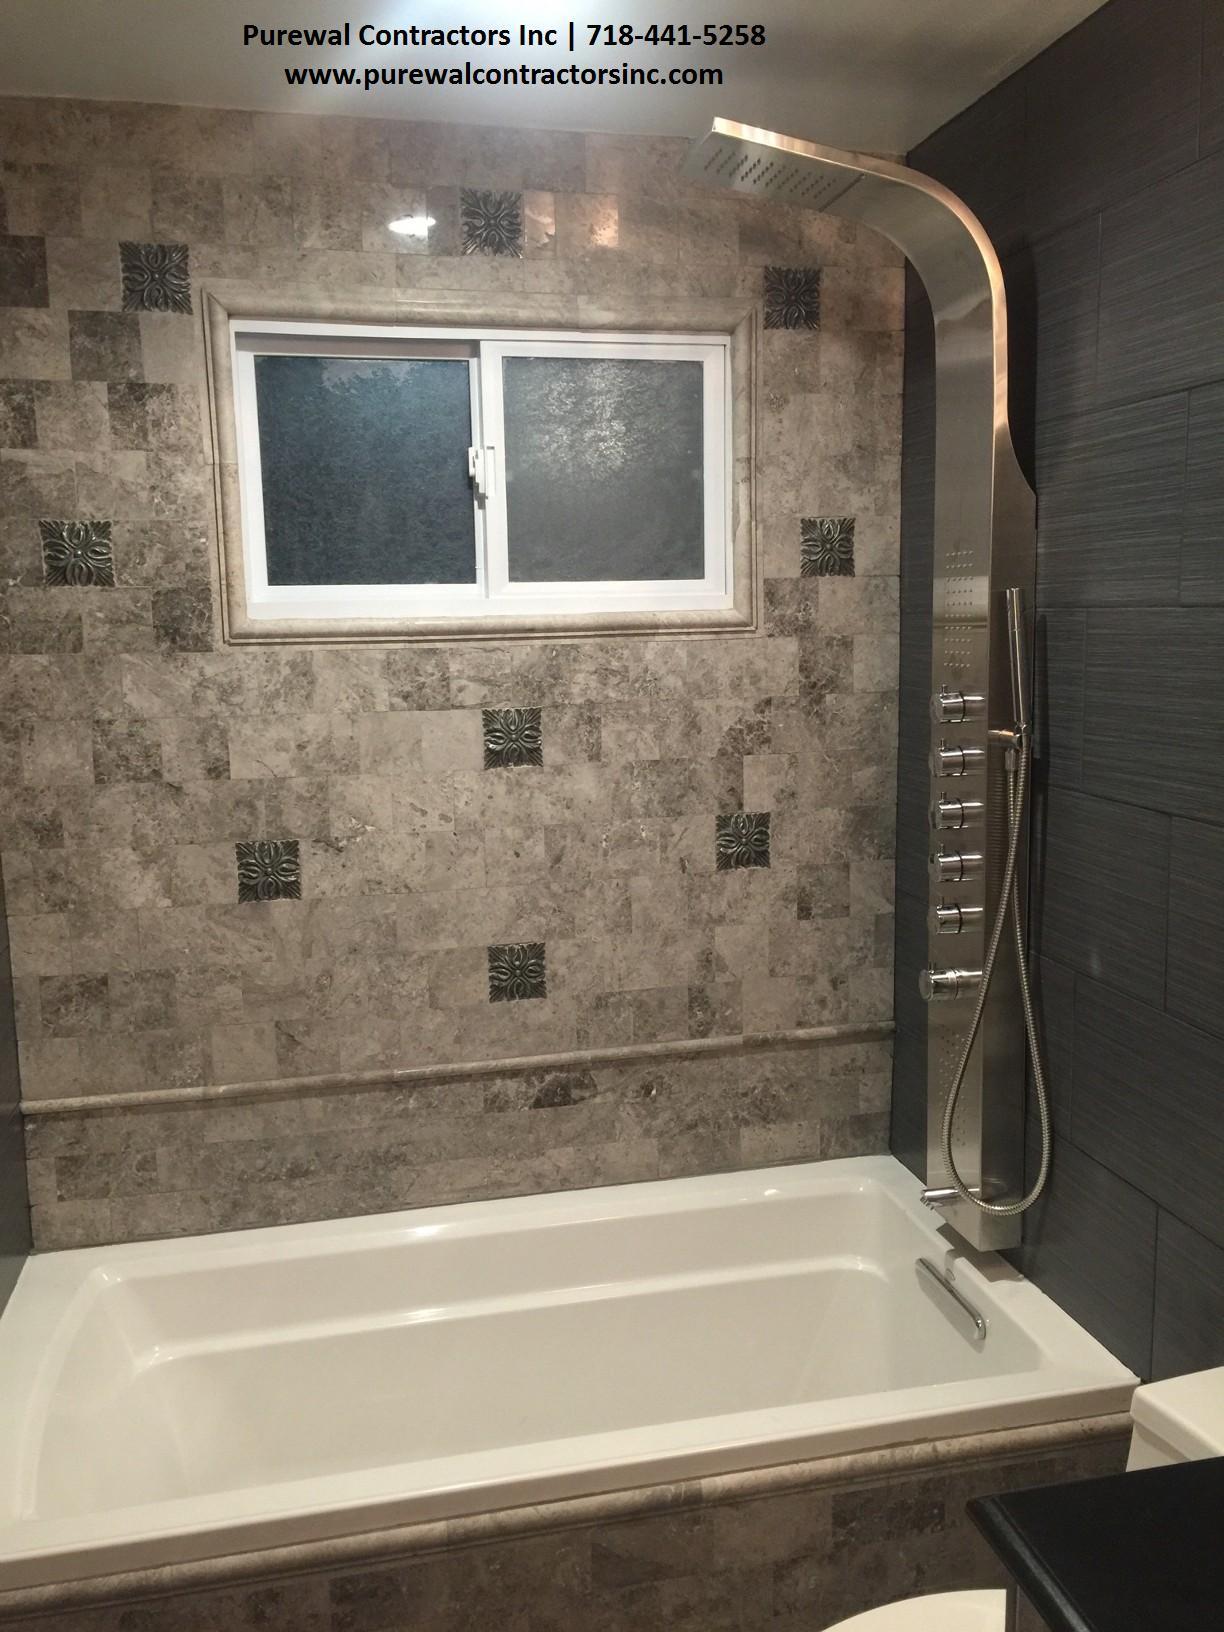 Bathroom Remodeling - Should i remodel my bathroom